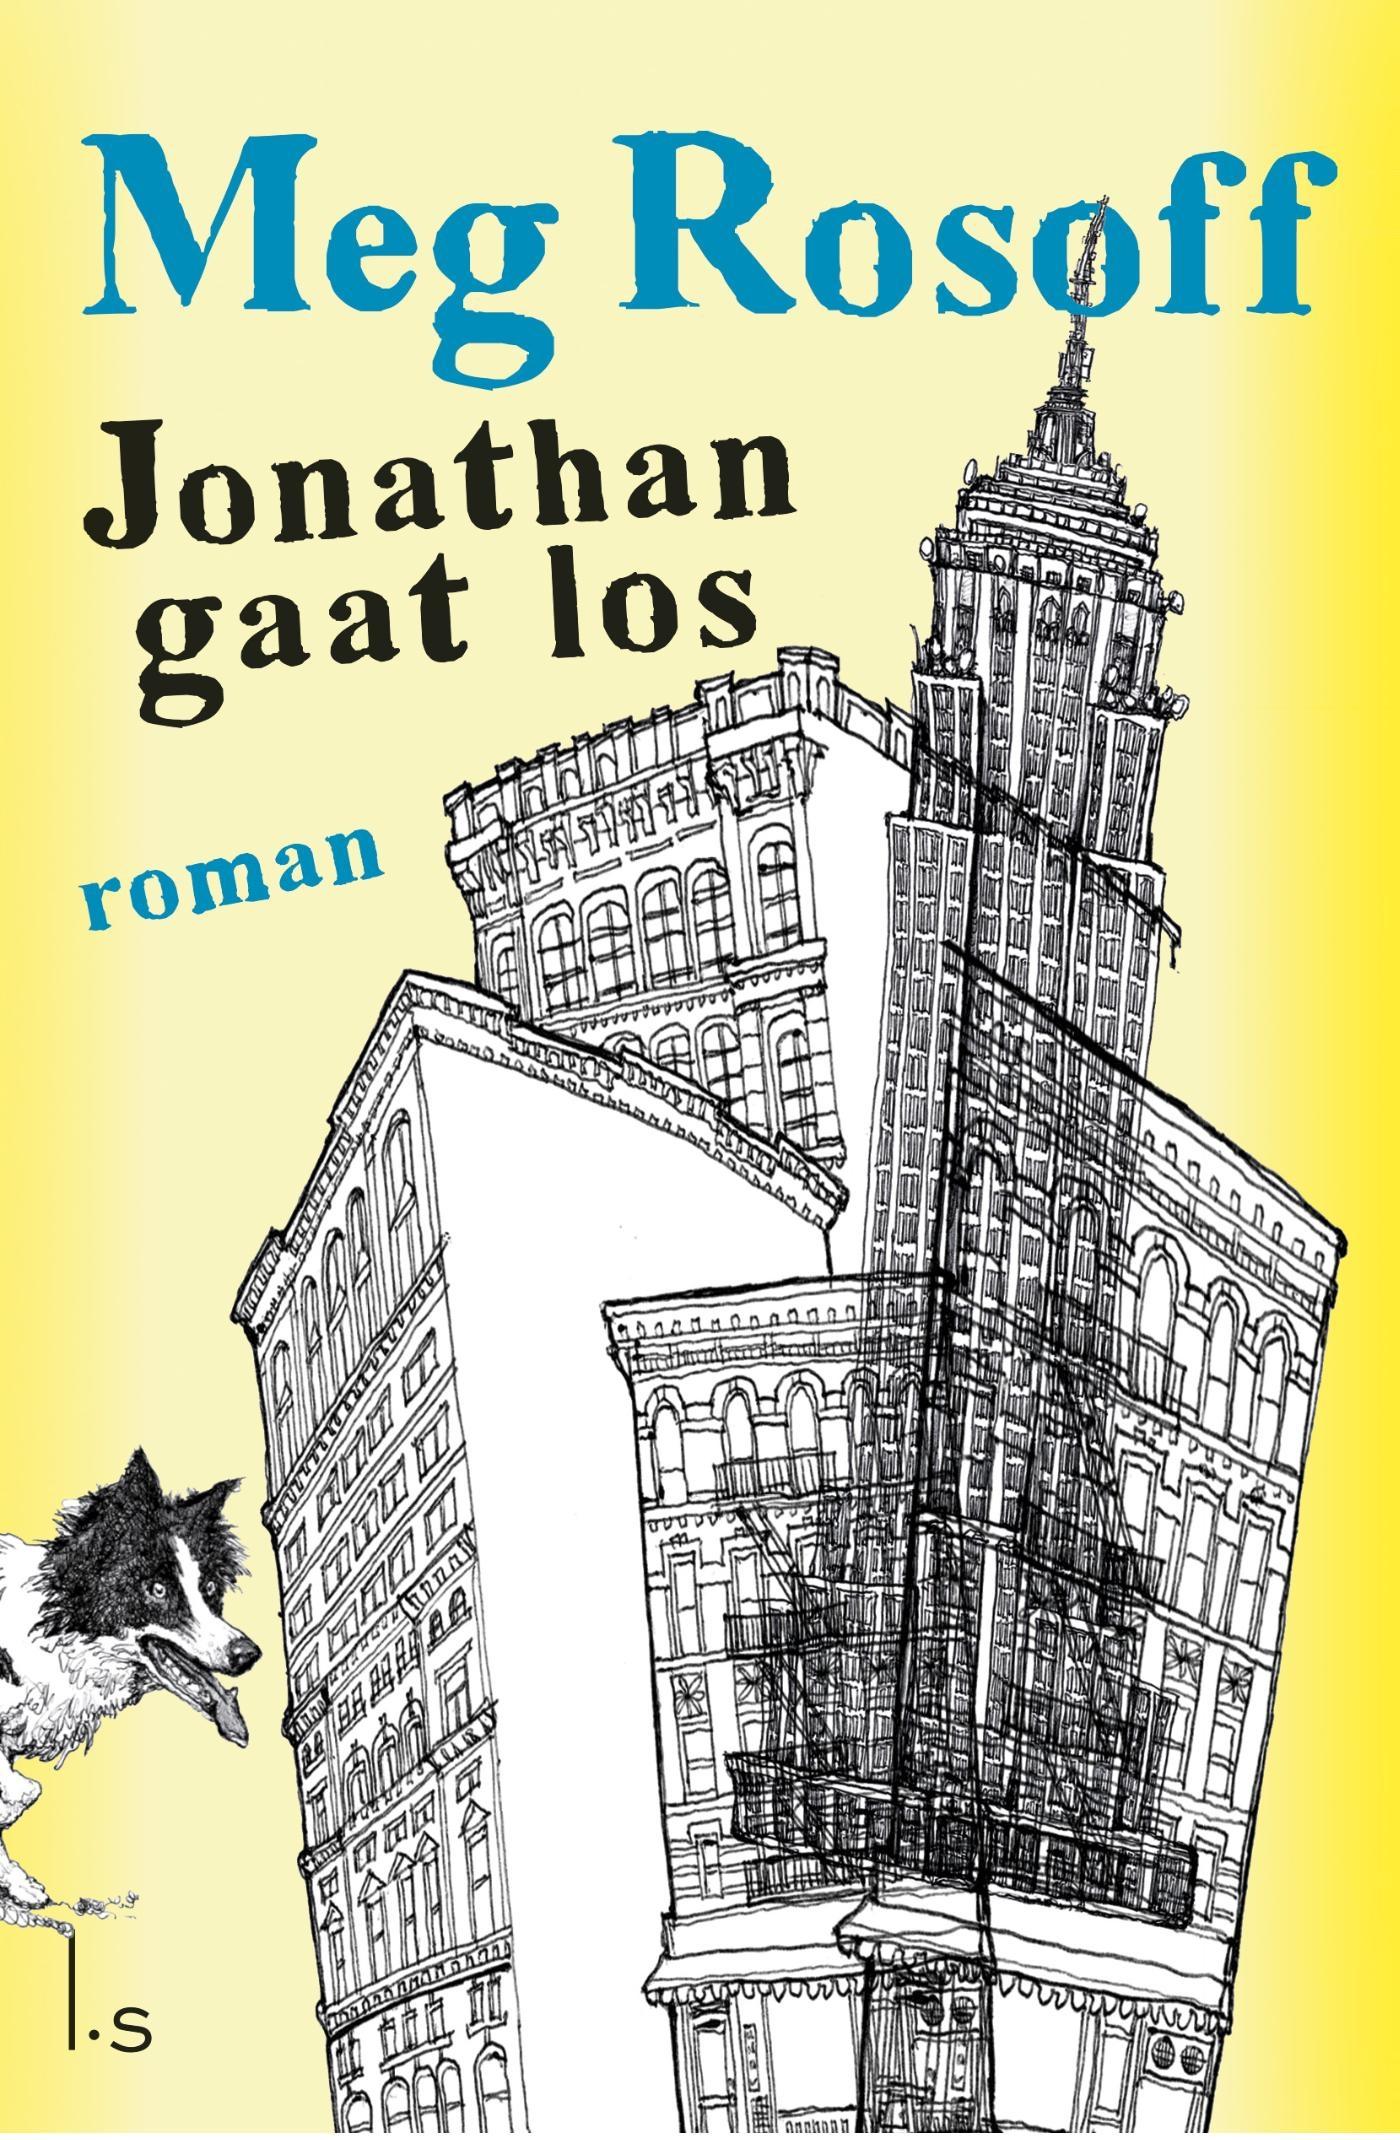 Jonathan gaat los - boekrecensie